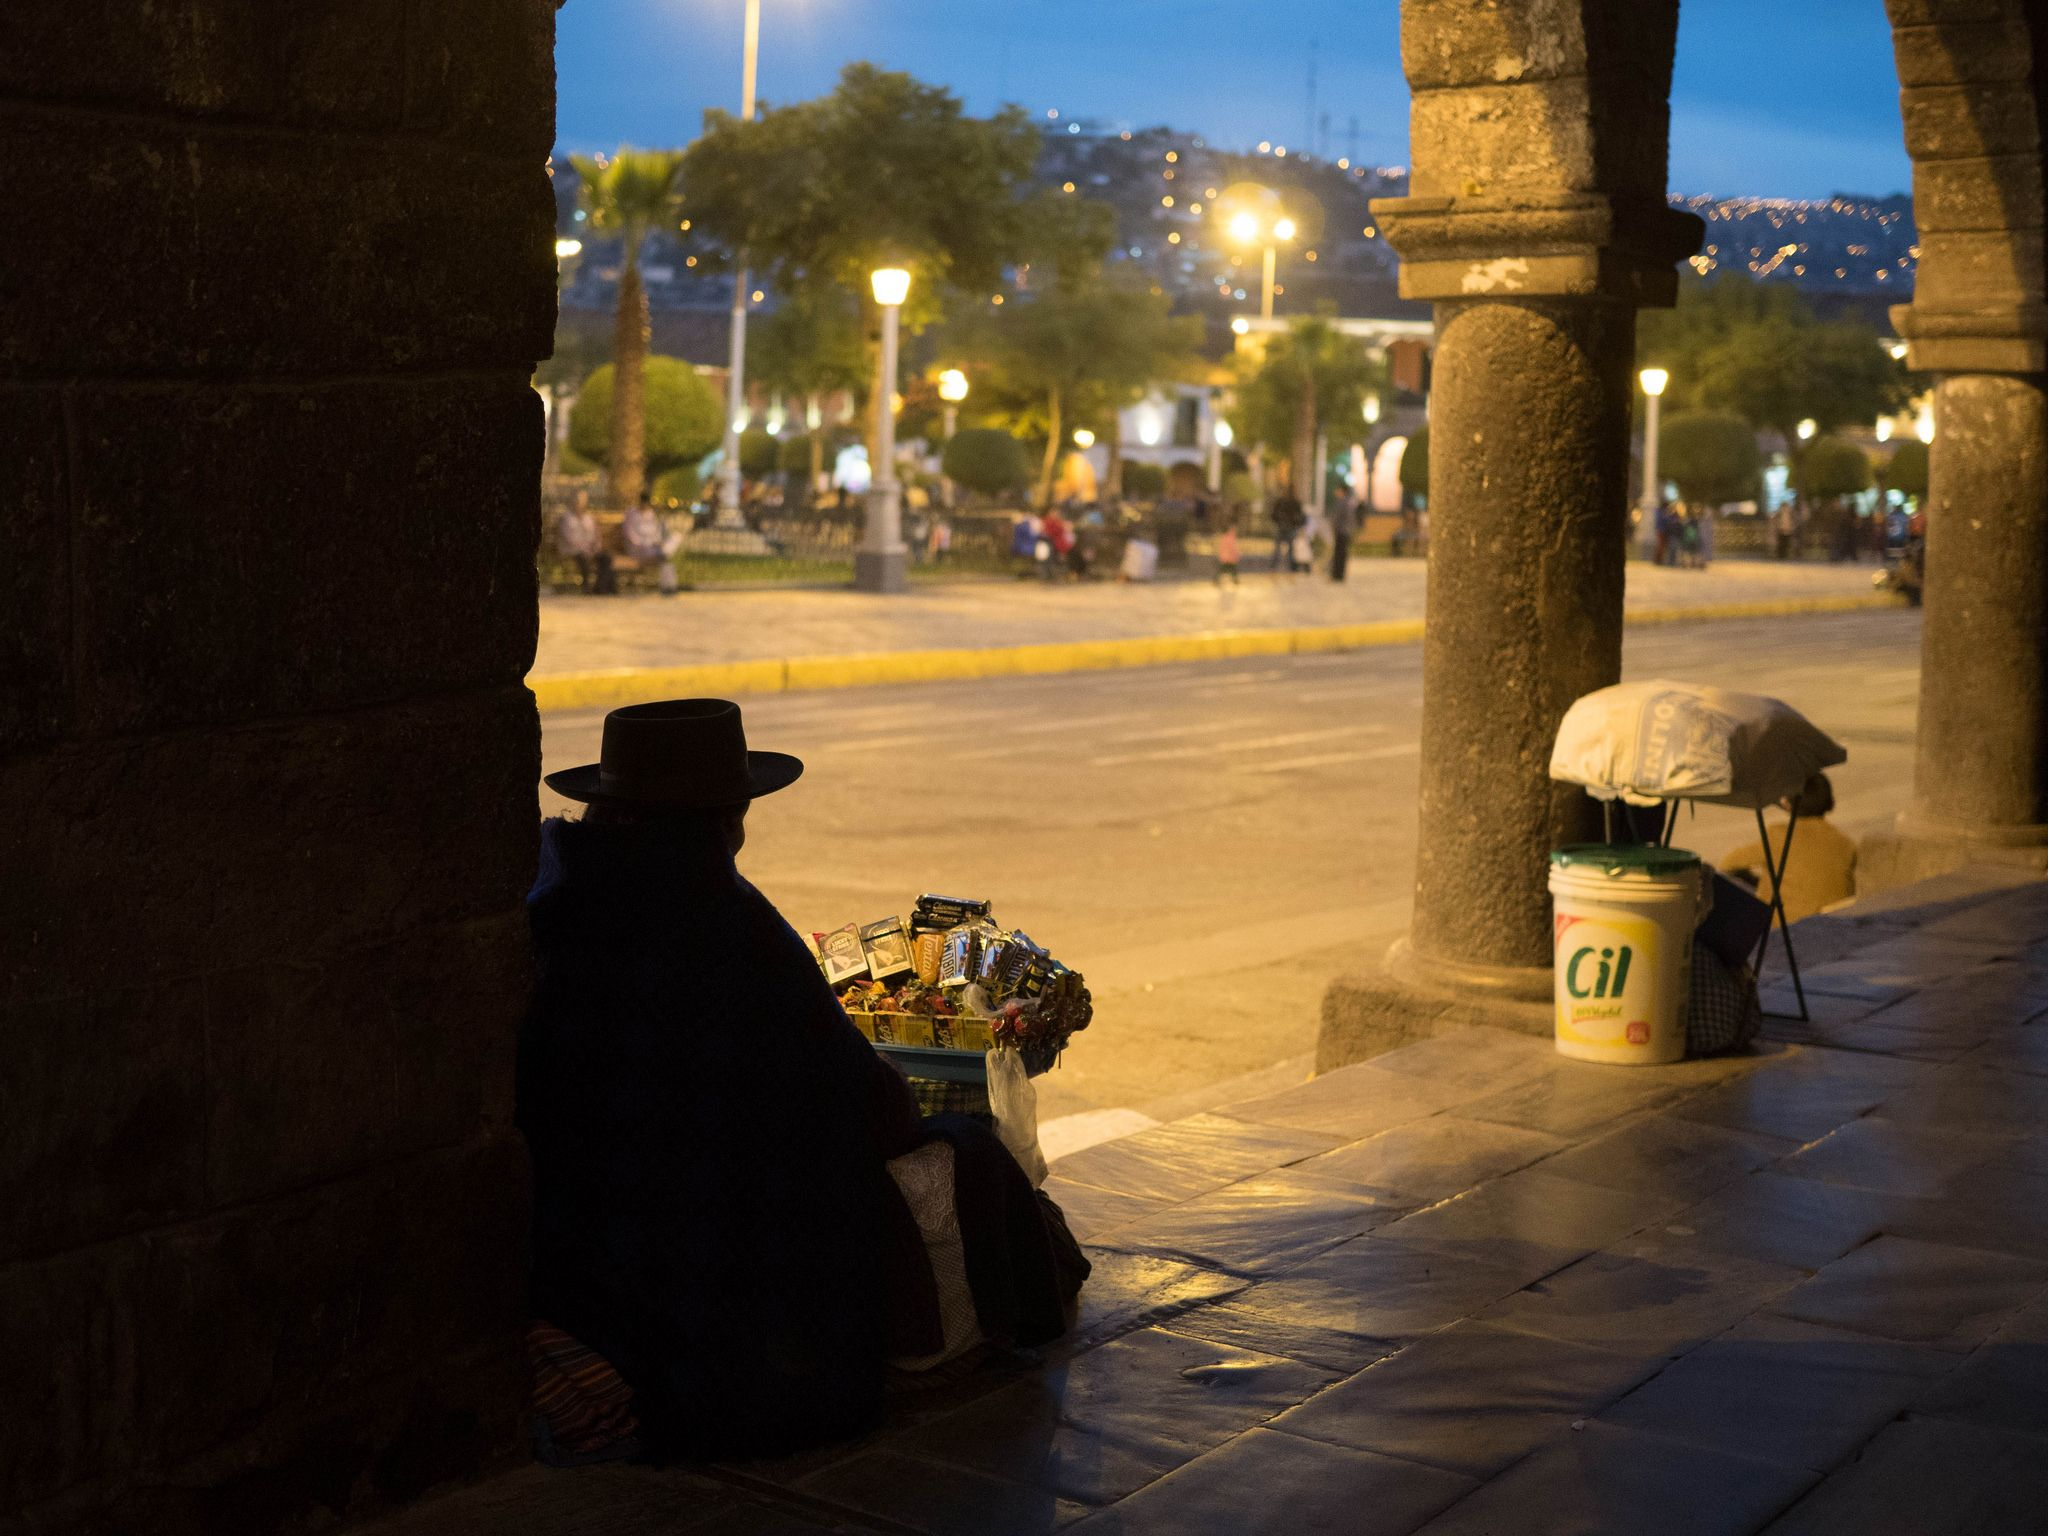 Otro anochecer en mi querido Ayacucho